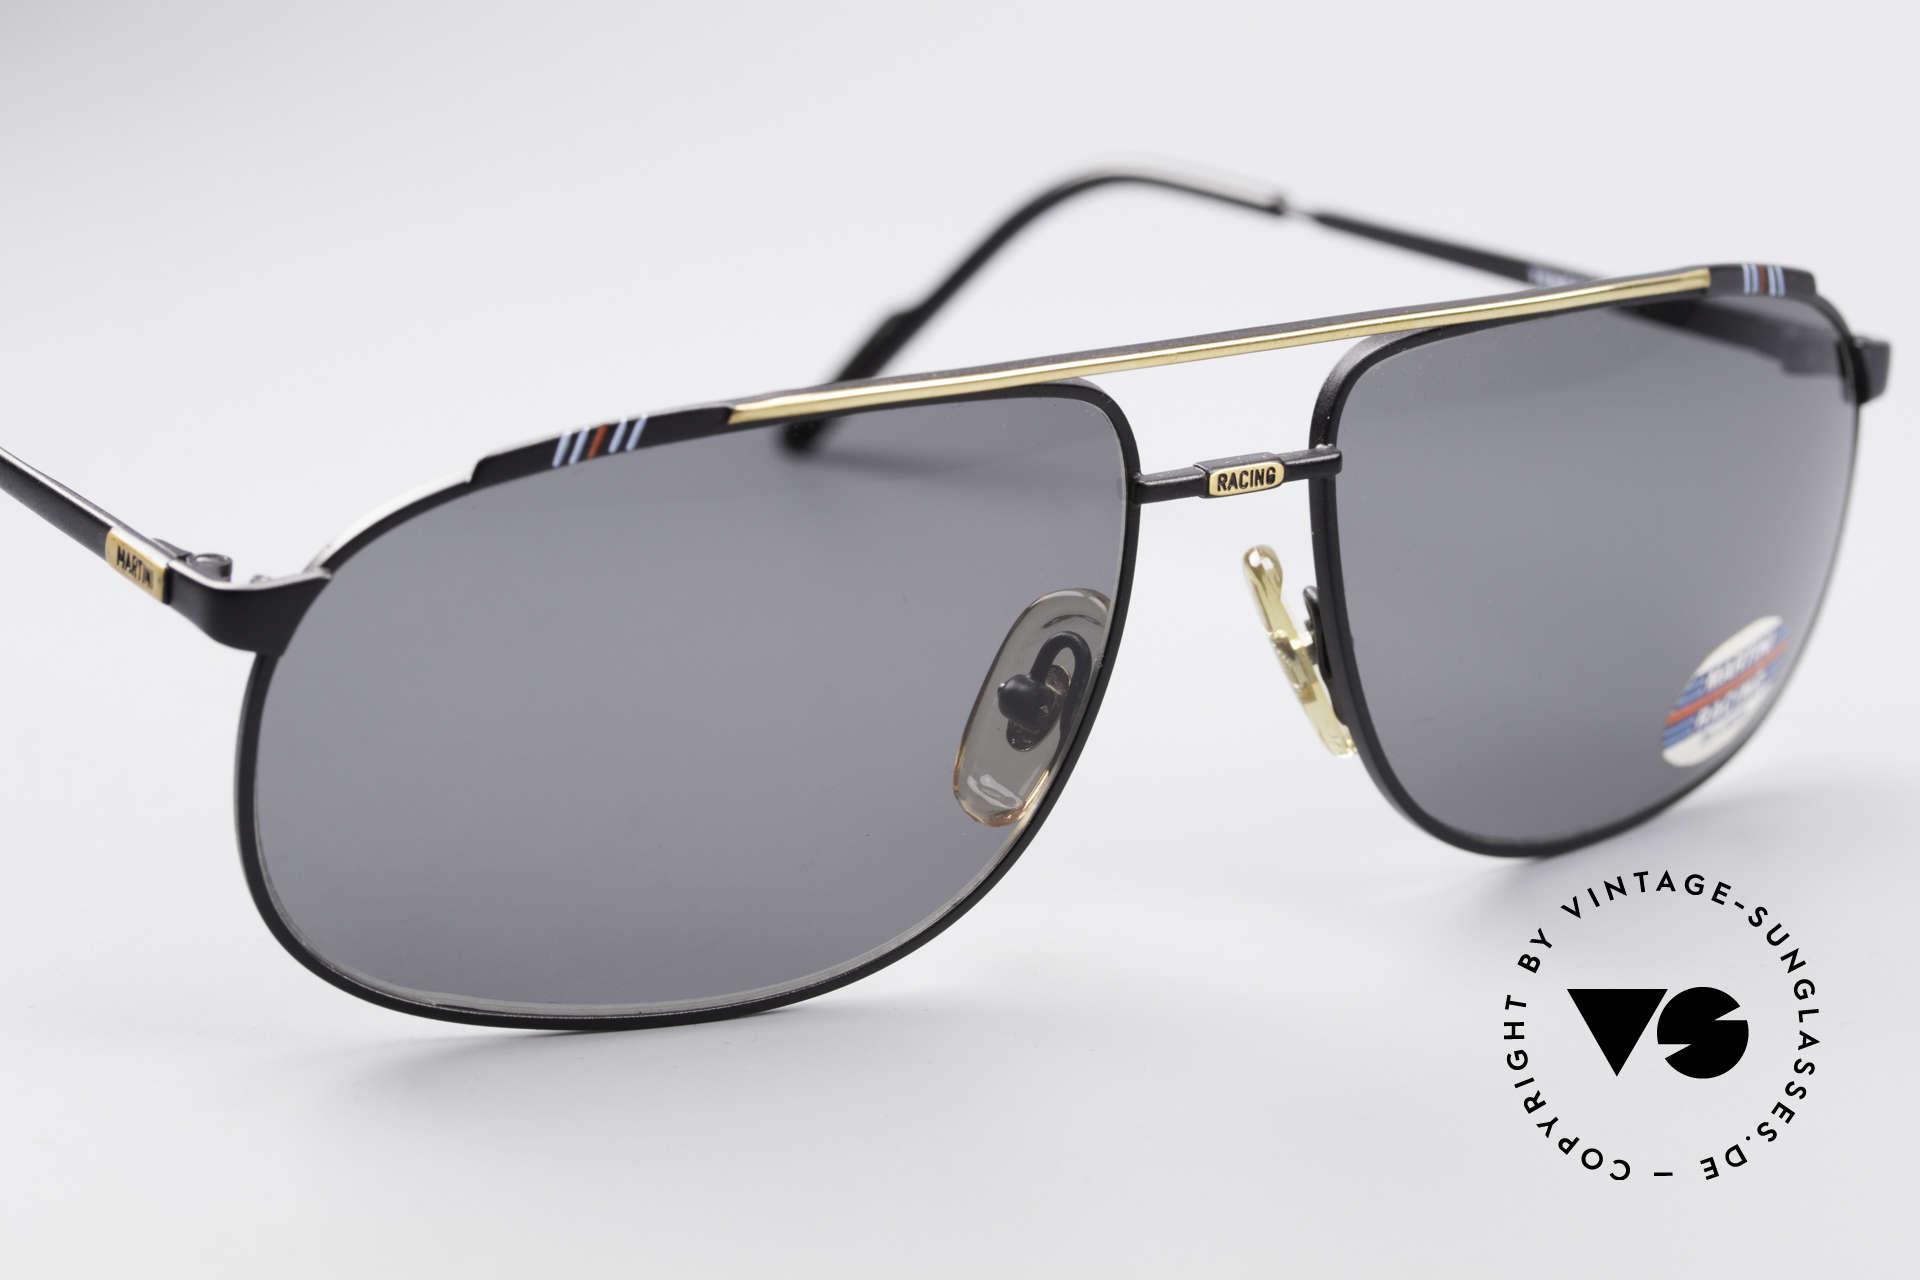 Martini Racing - Tenere Rennfahrer Sonnenbrille, ein ungetragenes Original (einzigartiges Sammlerstück), Passend für Herren